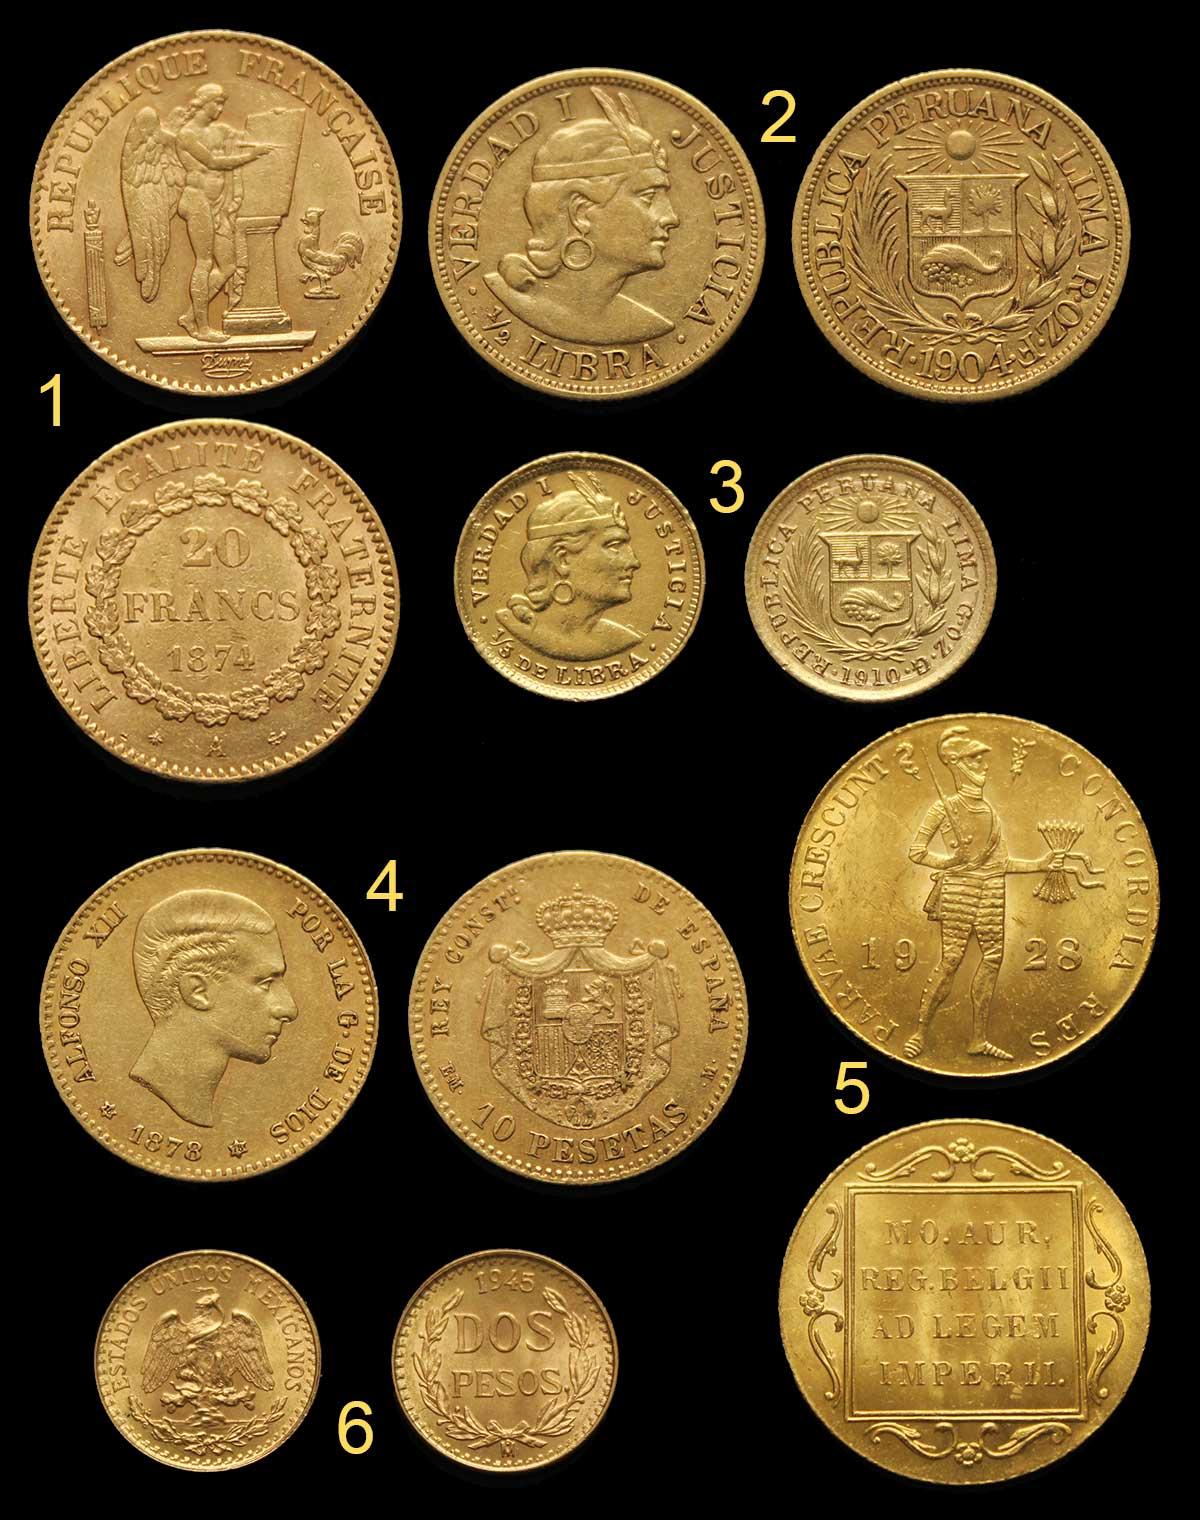 Photo des quelques nouvelles pièces d'or en vente : 20 francs or Génie, 10 pesetas or Alphonse XII 1878, demi libra Pérou, 5eme de libra du Pérou, Ducat des Pays-Bas, 2 pesos du Mexique